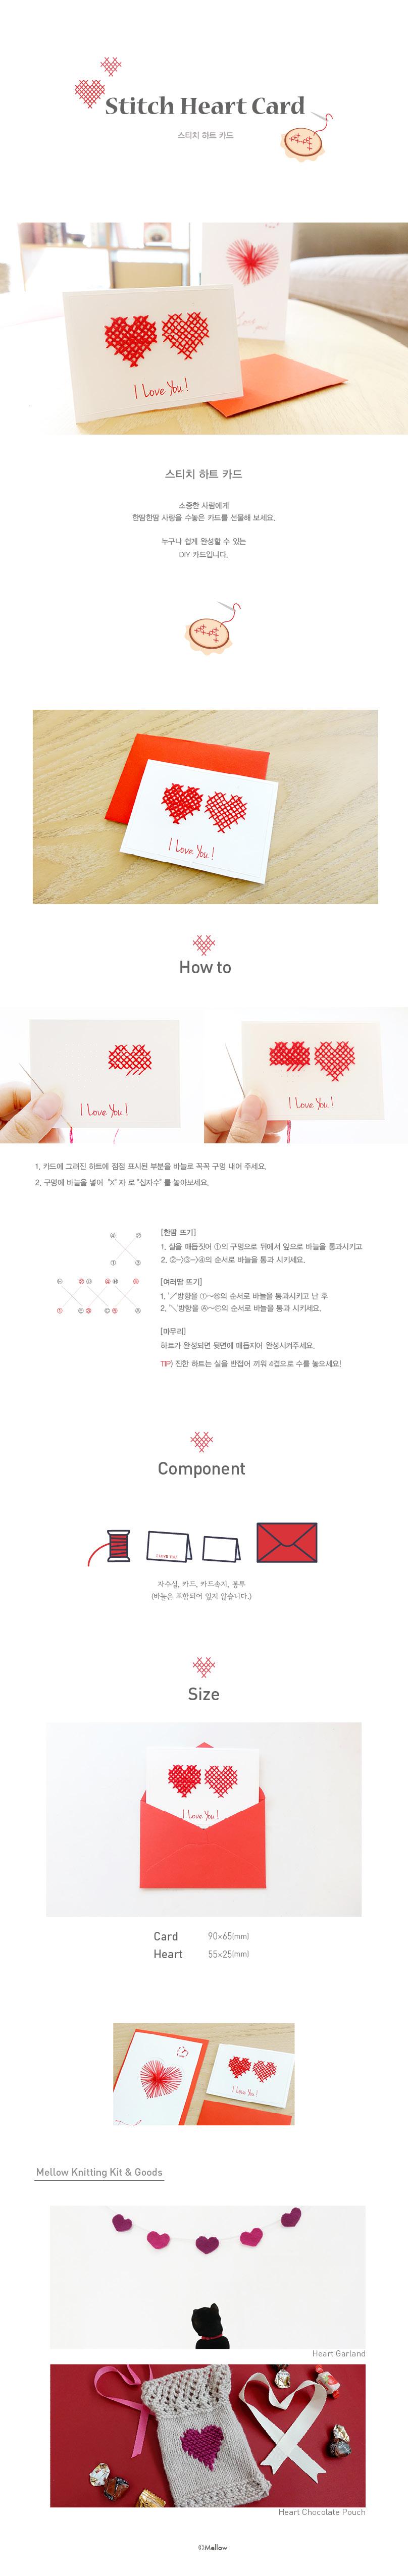 스티치 하트 카드_kit - 멜로우, 4,900원, 카드, 사랑/고백 카드